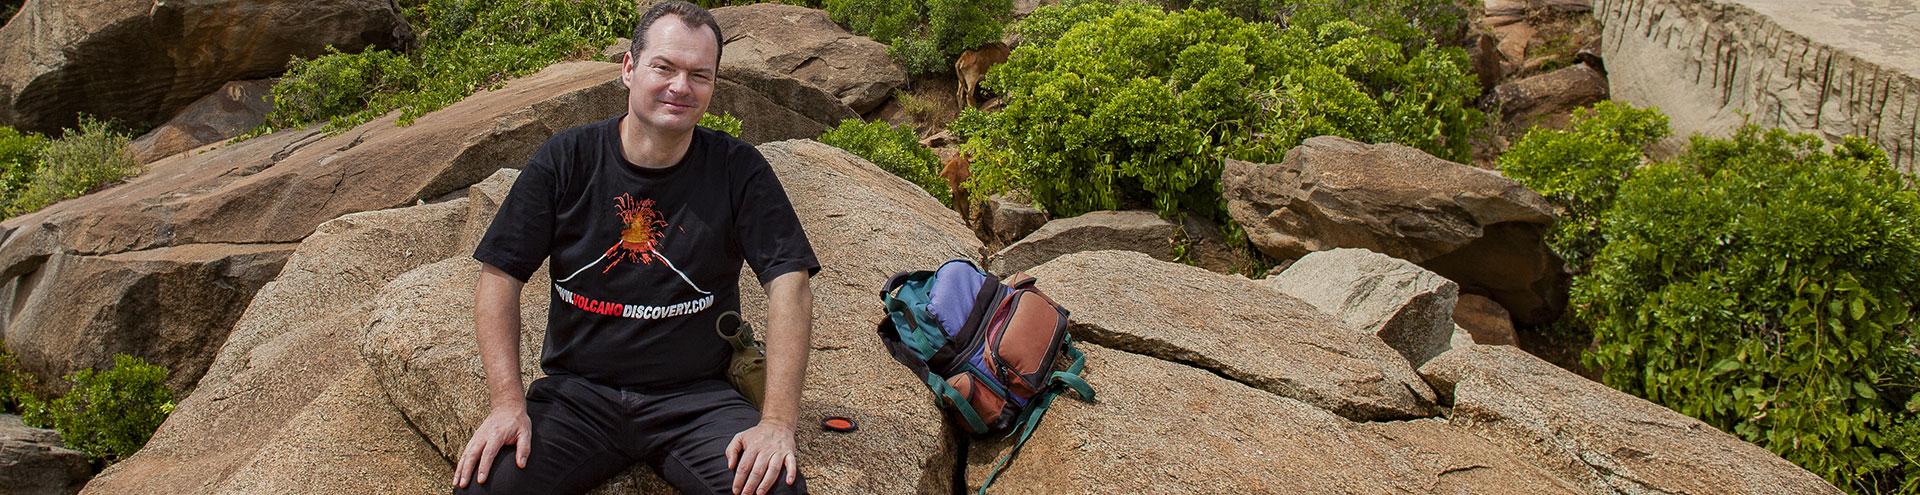 Tobias Schorr in Äthiopien